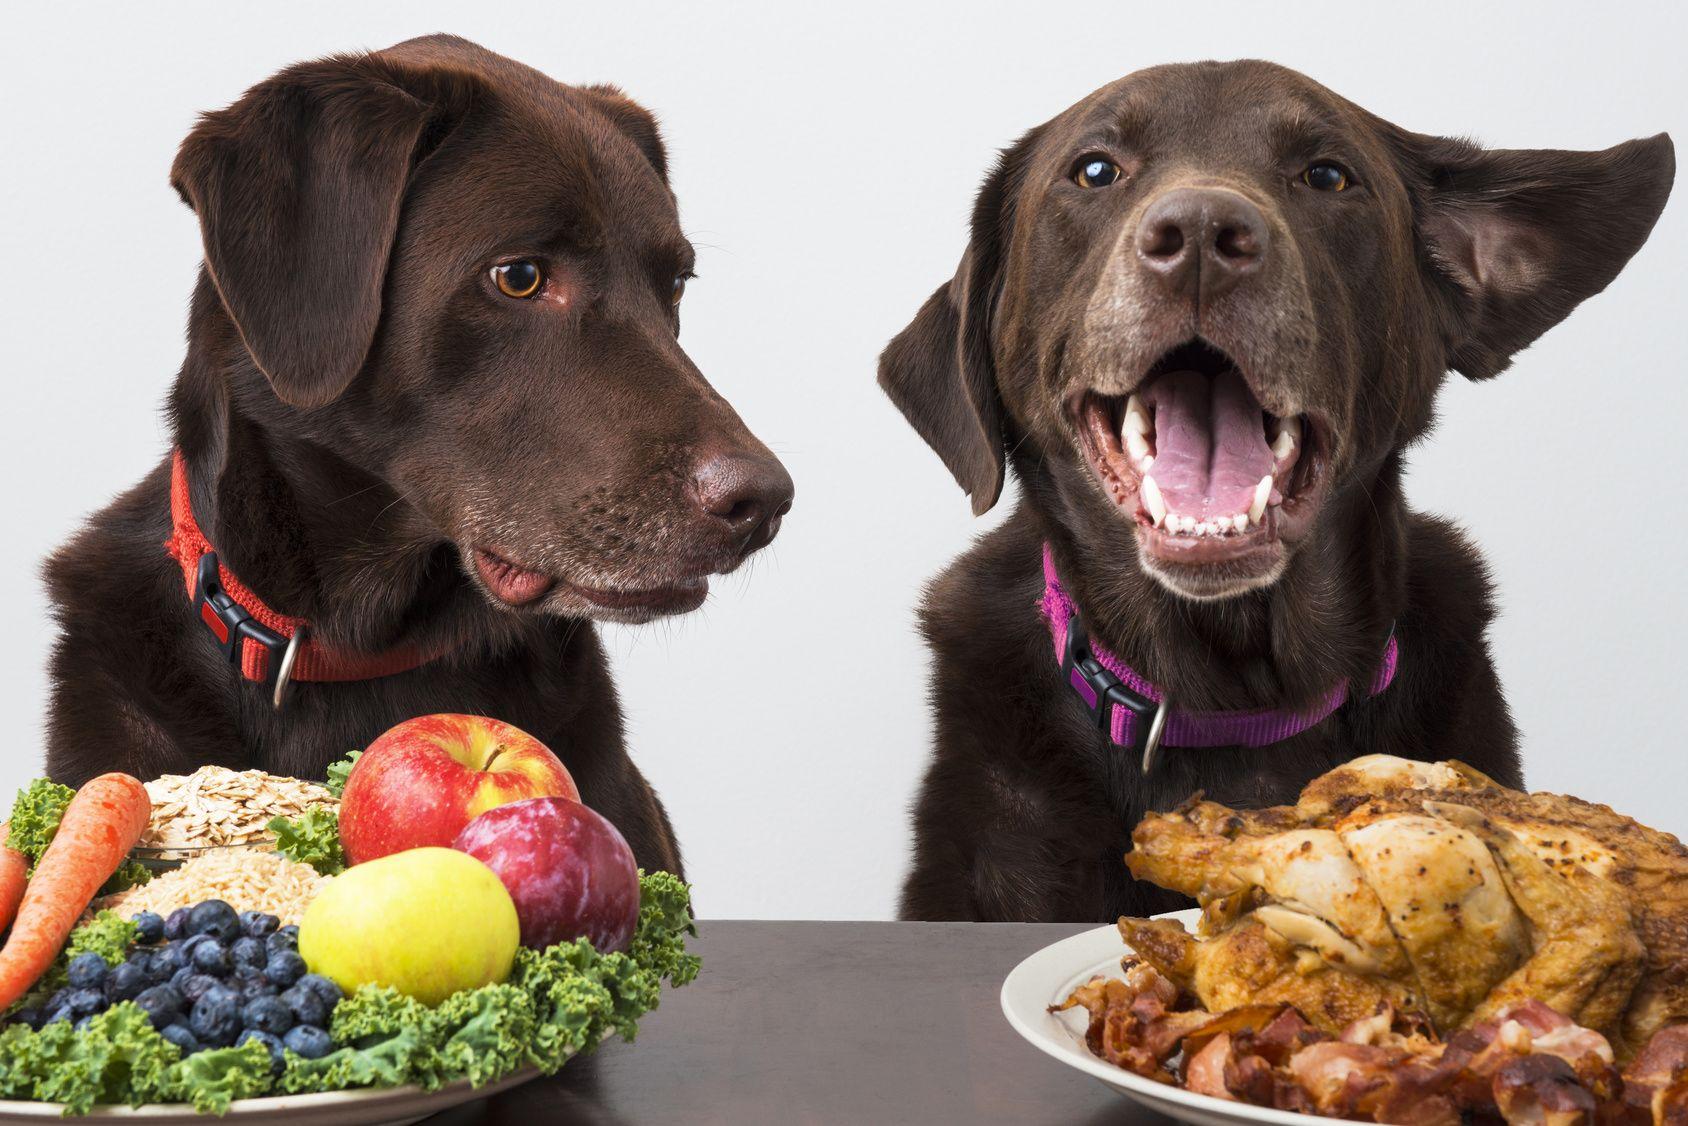 ちょっと待って! その食材大丈夫!? 愛犬にNGの食べ物は?